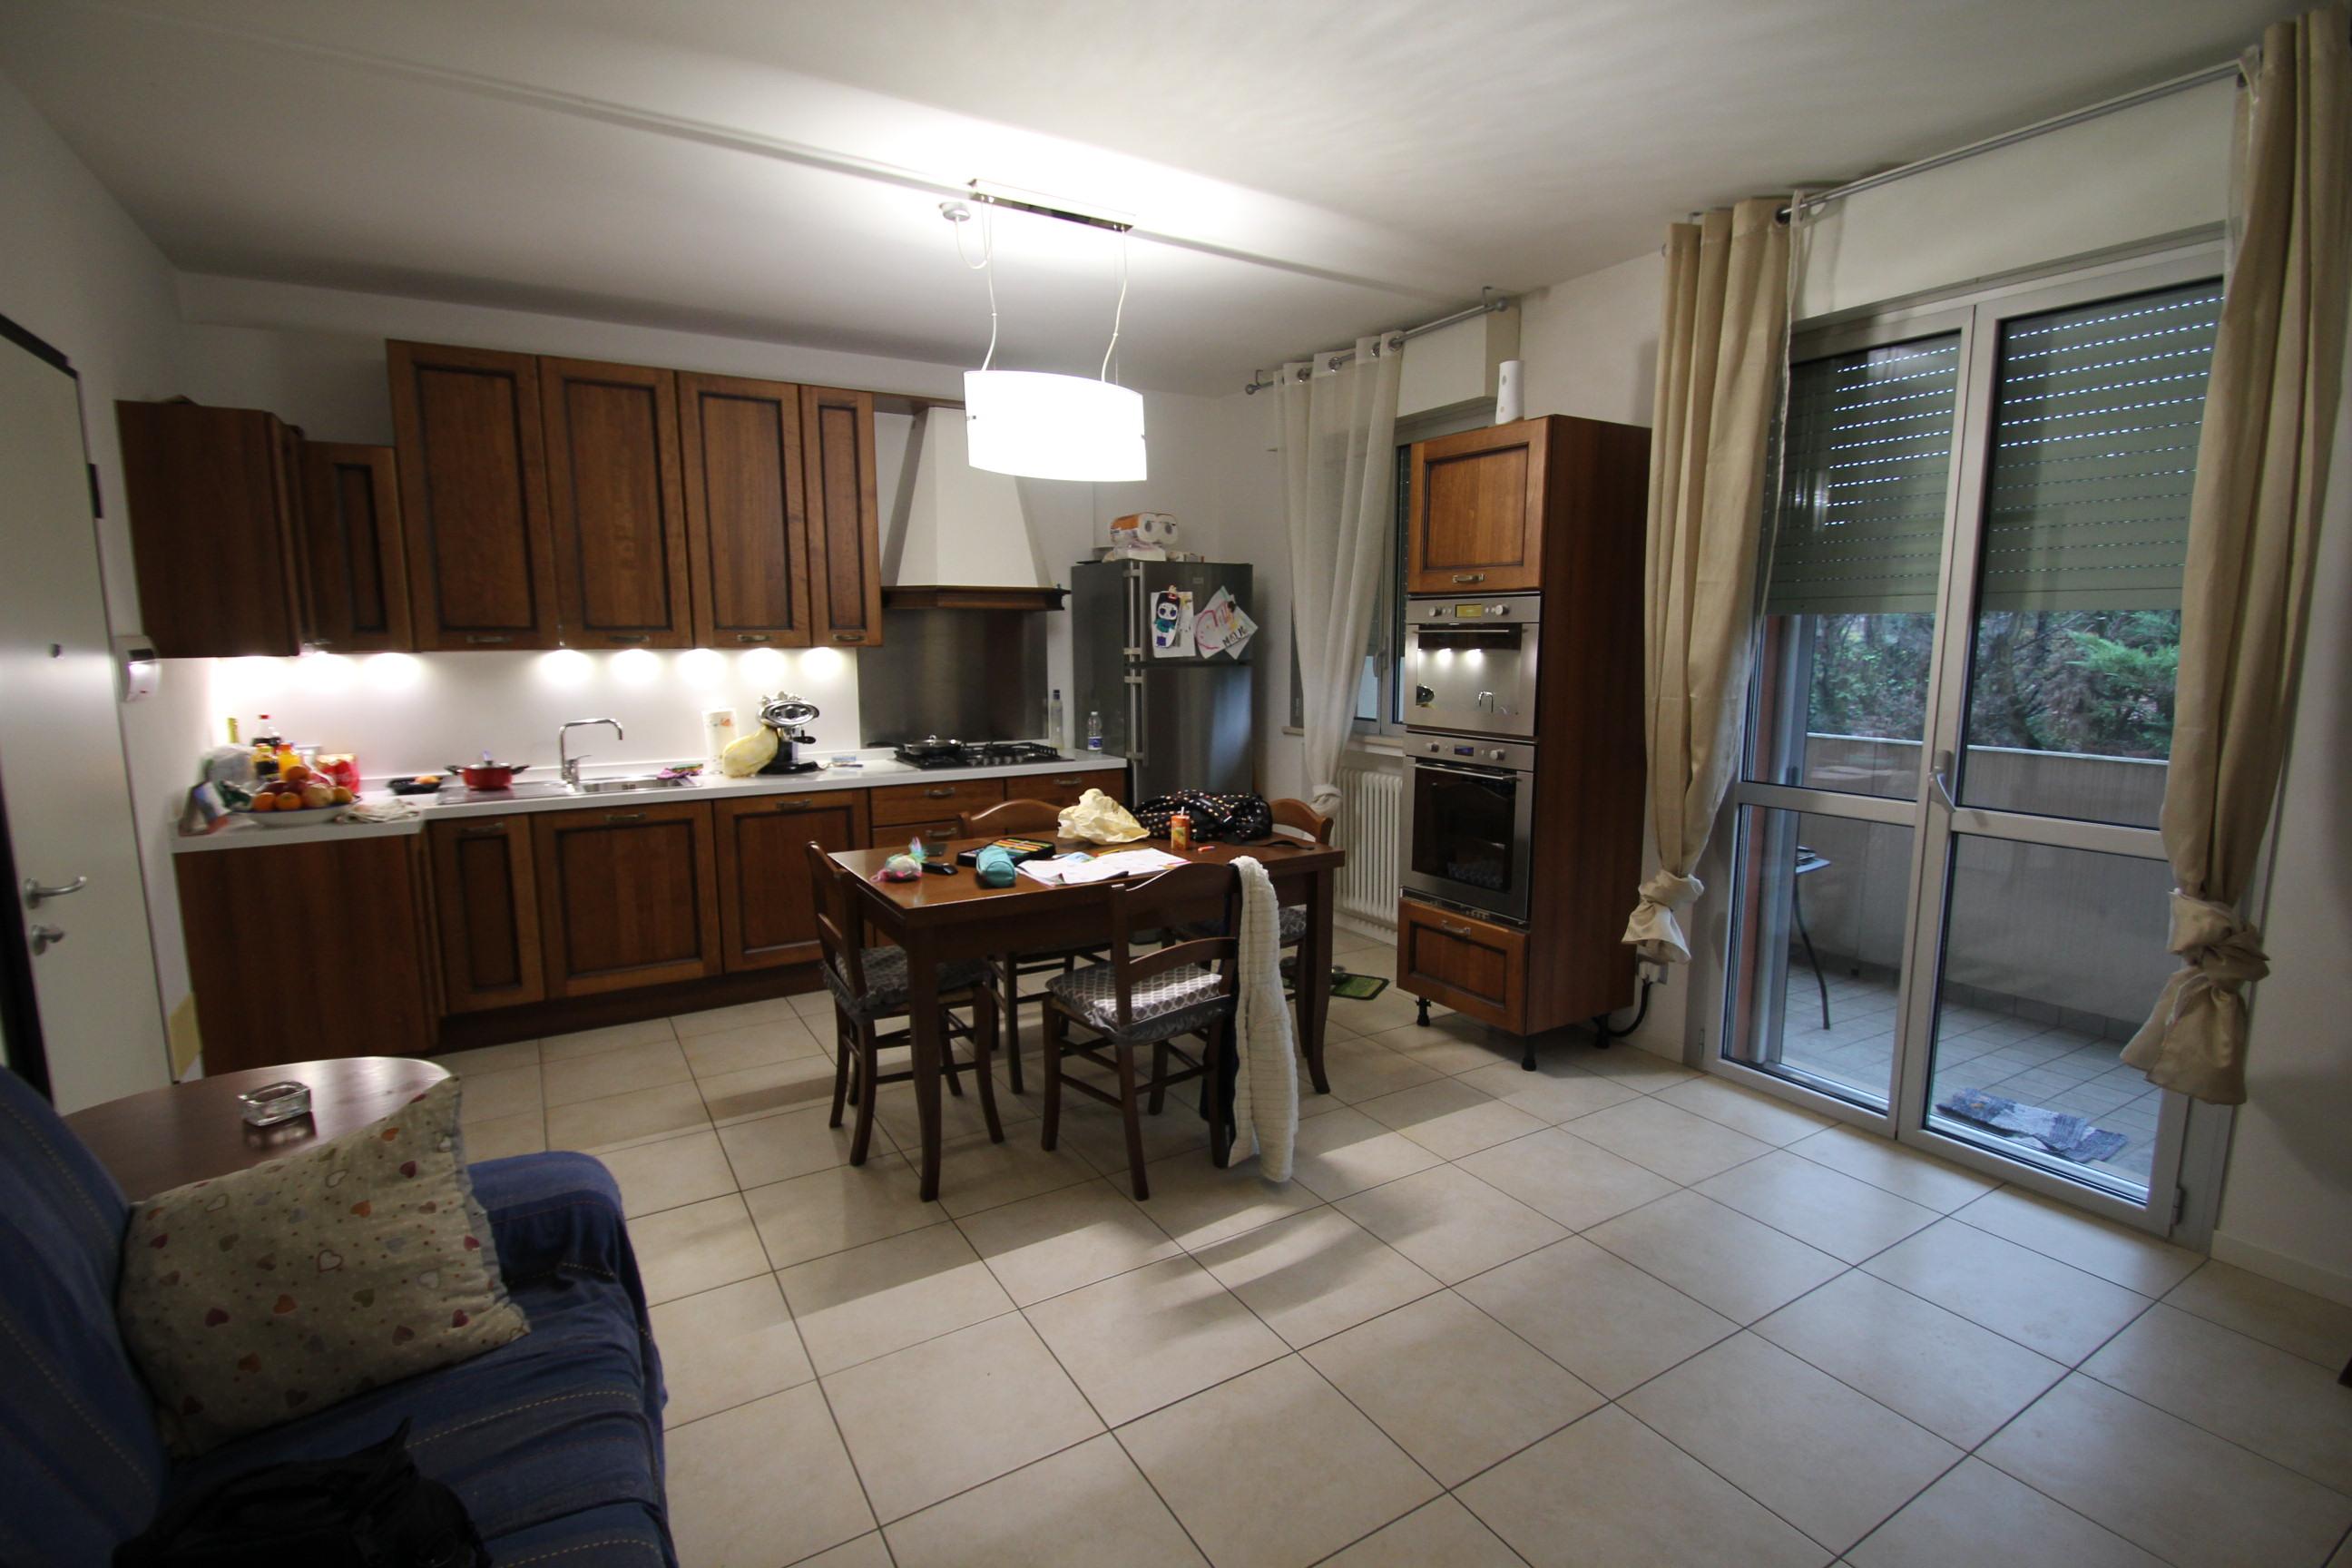 Appartamento bilocale vicino ai servizi